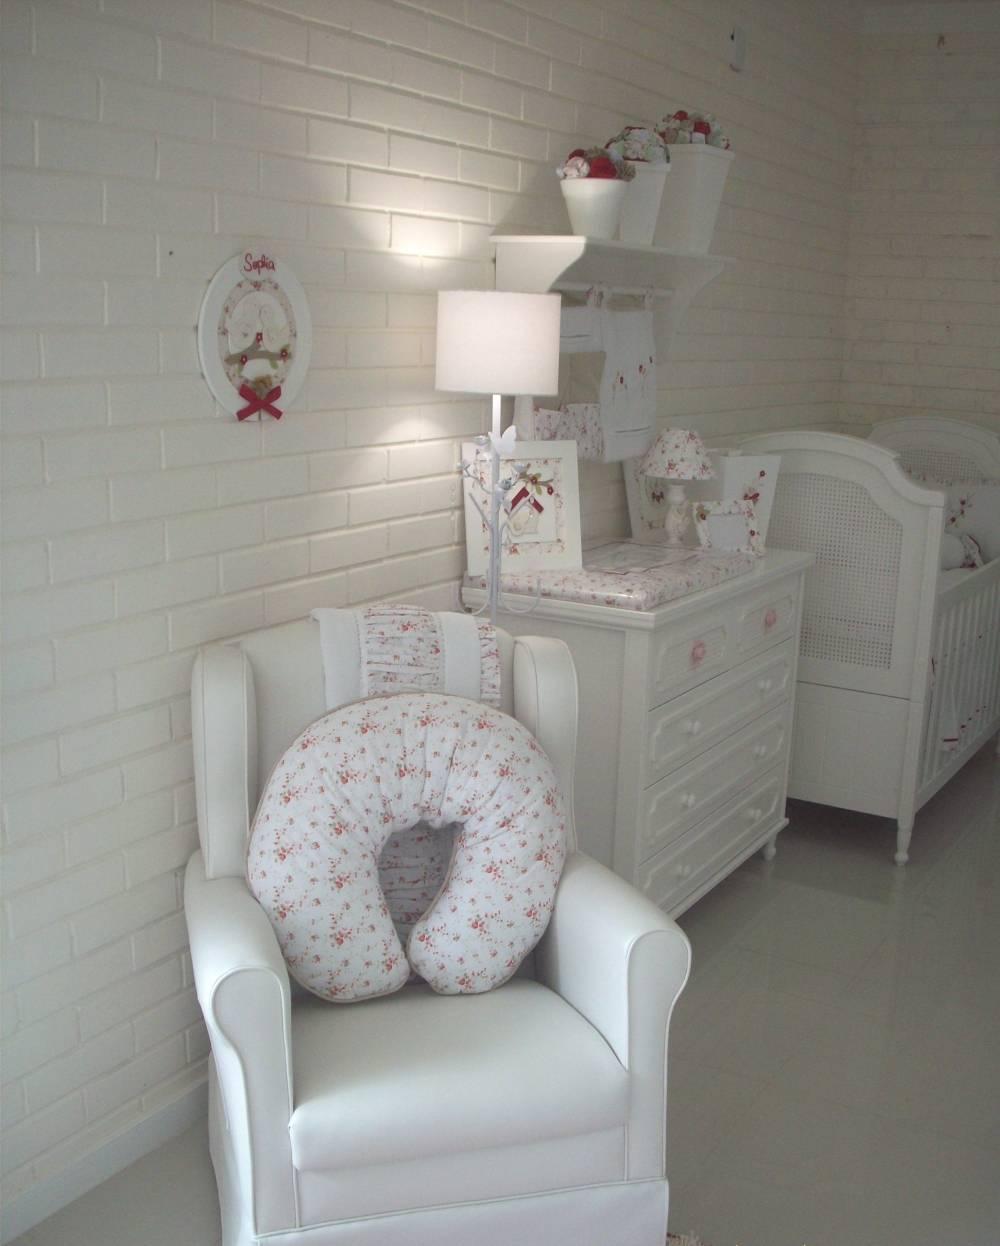 Decoração de Quarto de Bebê em Apartamento Pequeno em Ermelino Matarazzo - Decoração de Quarto Pequeno de Bebê